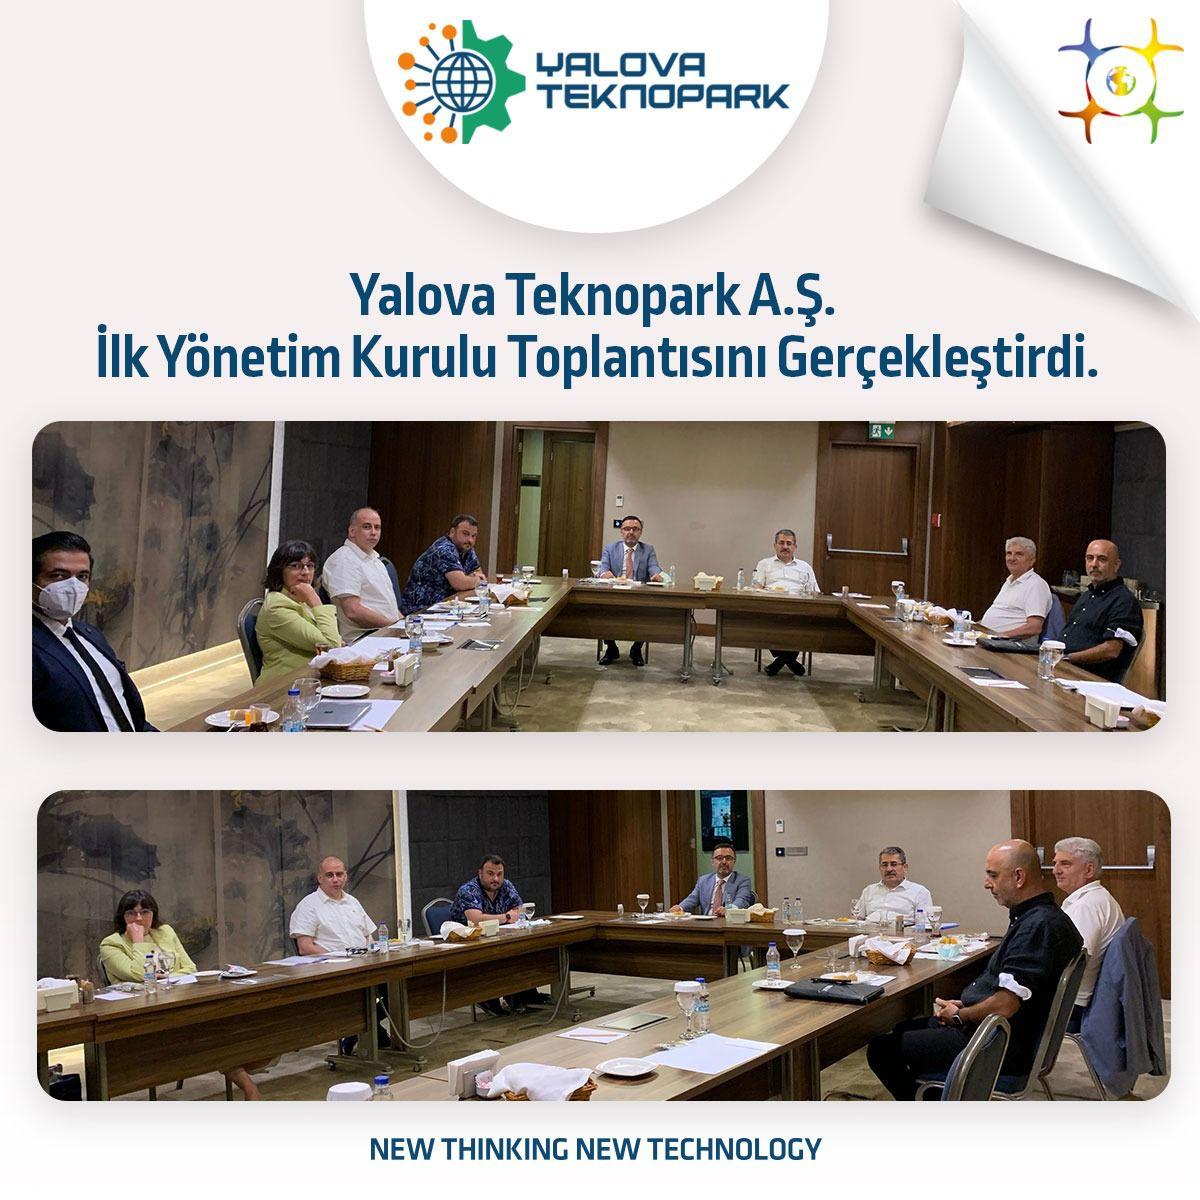 Yalova Teknopark İlk Yönetim Kurulu Toplantısı